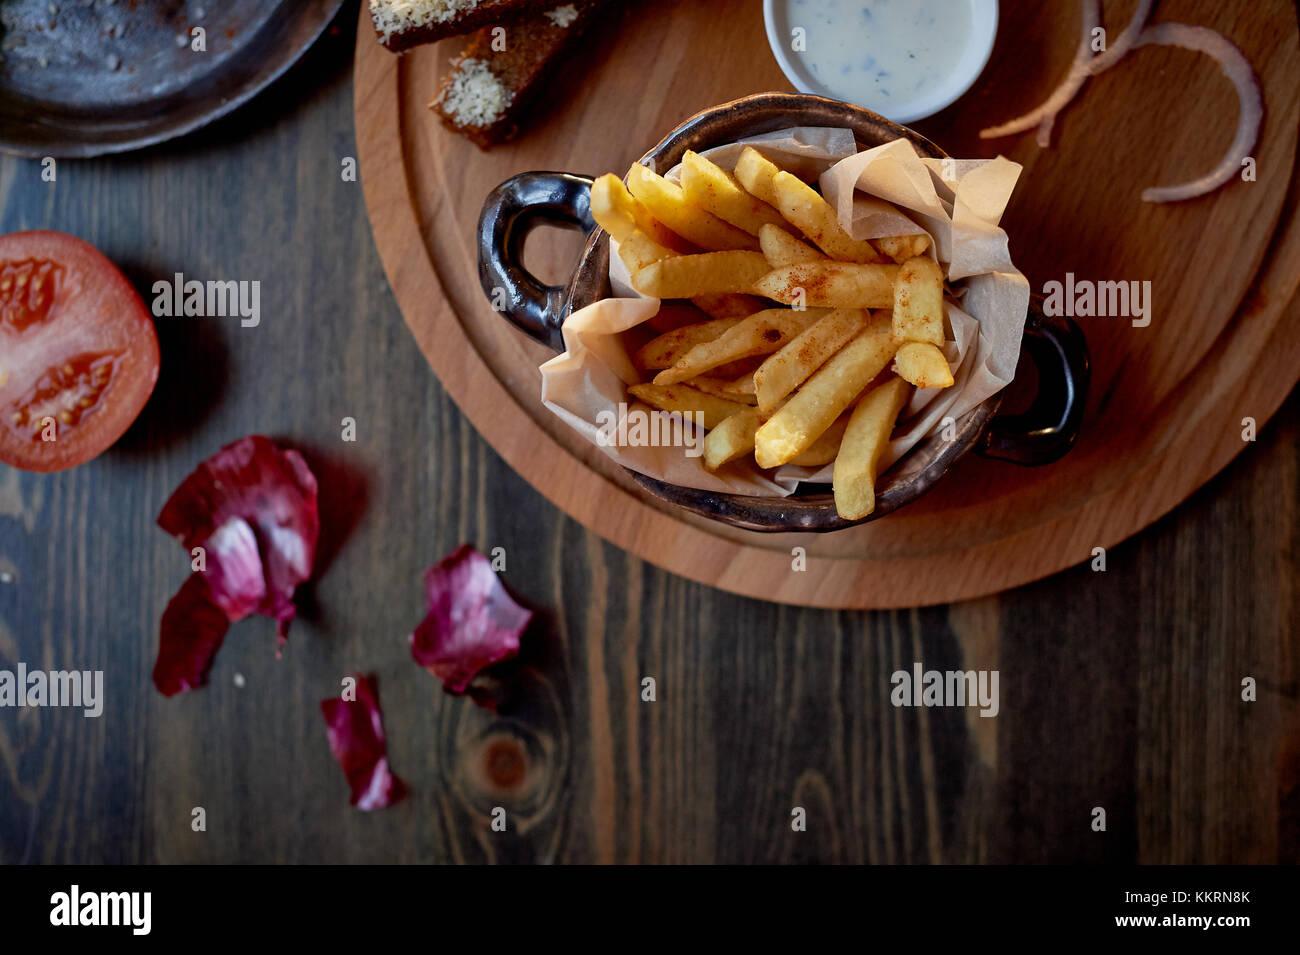 Haut de bois sur son burger et frites.le concept de la pub et de la restauration rapide Photo Stock